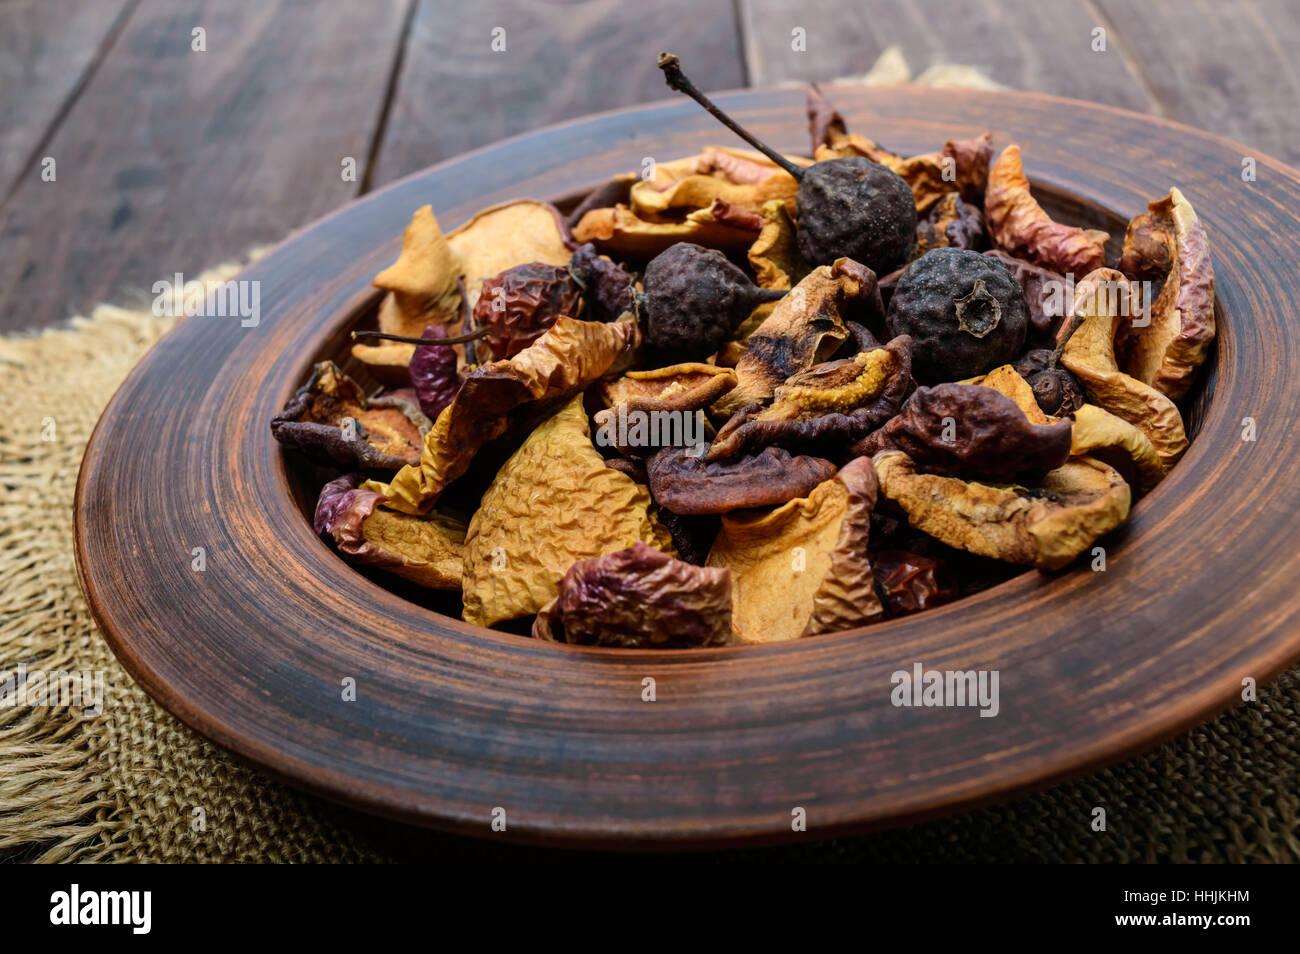 Fruits secs (pommes, poires, abricots), de baies dans un bol sur fond de bois sombre. Close up. Ingrédients pour l'hiver la vitamine boire, compote. Banque D'Images